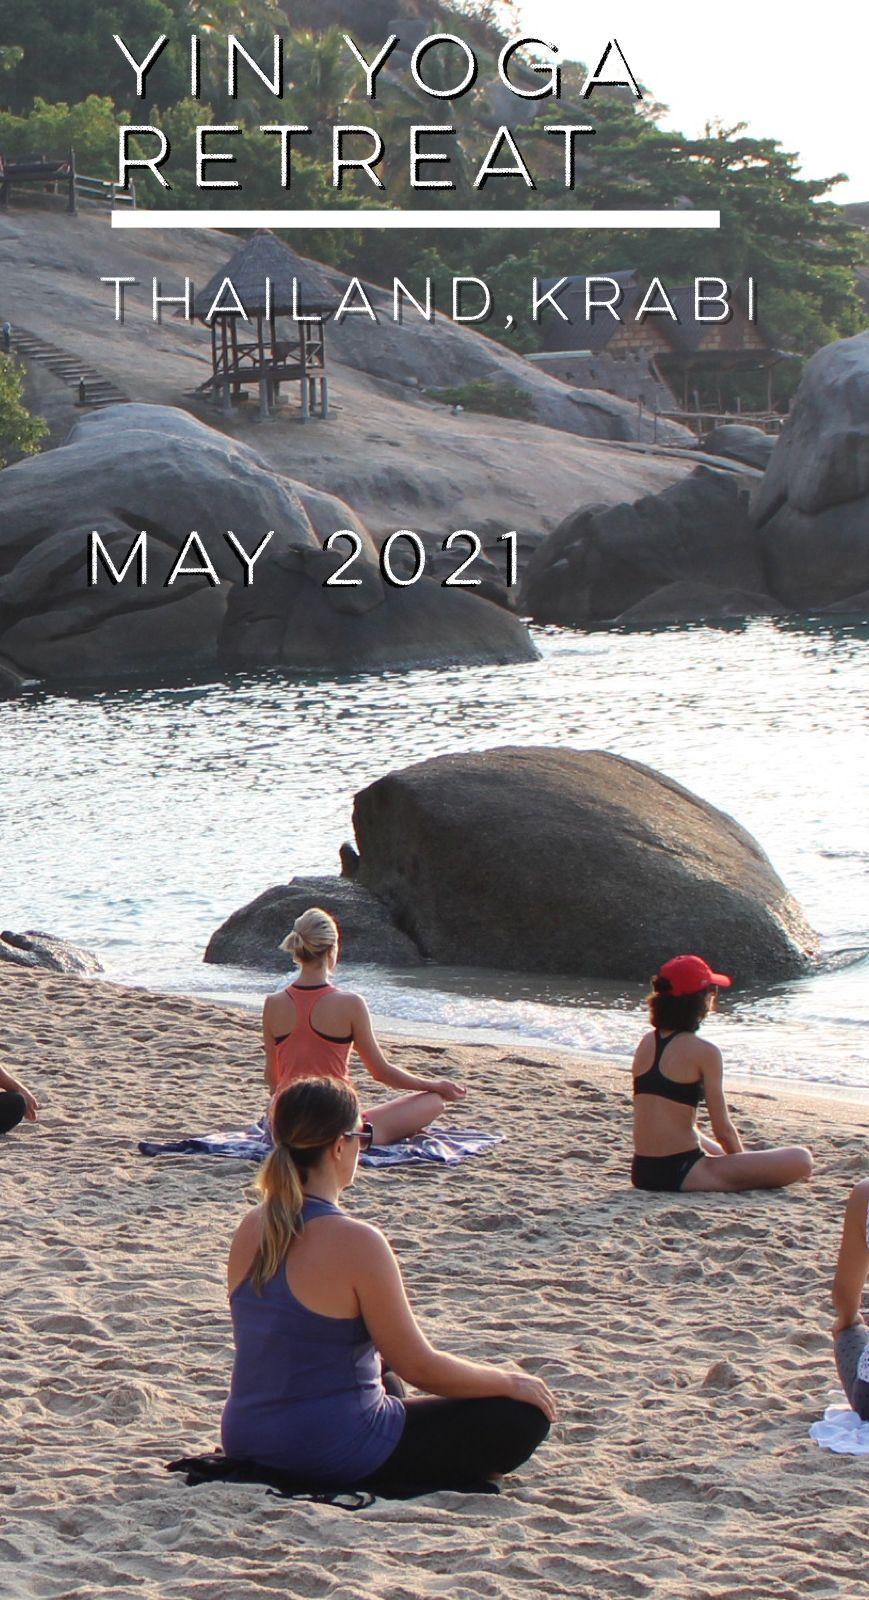 YIN YOGA KRABI MAY 2021